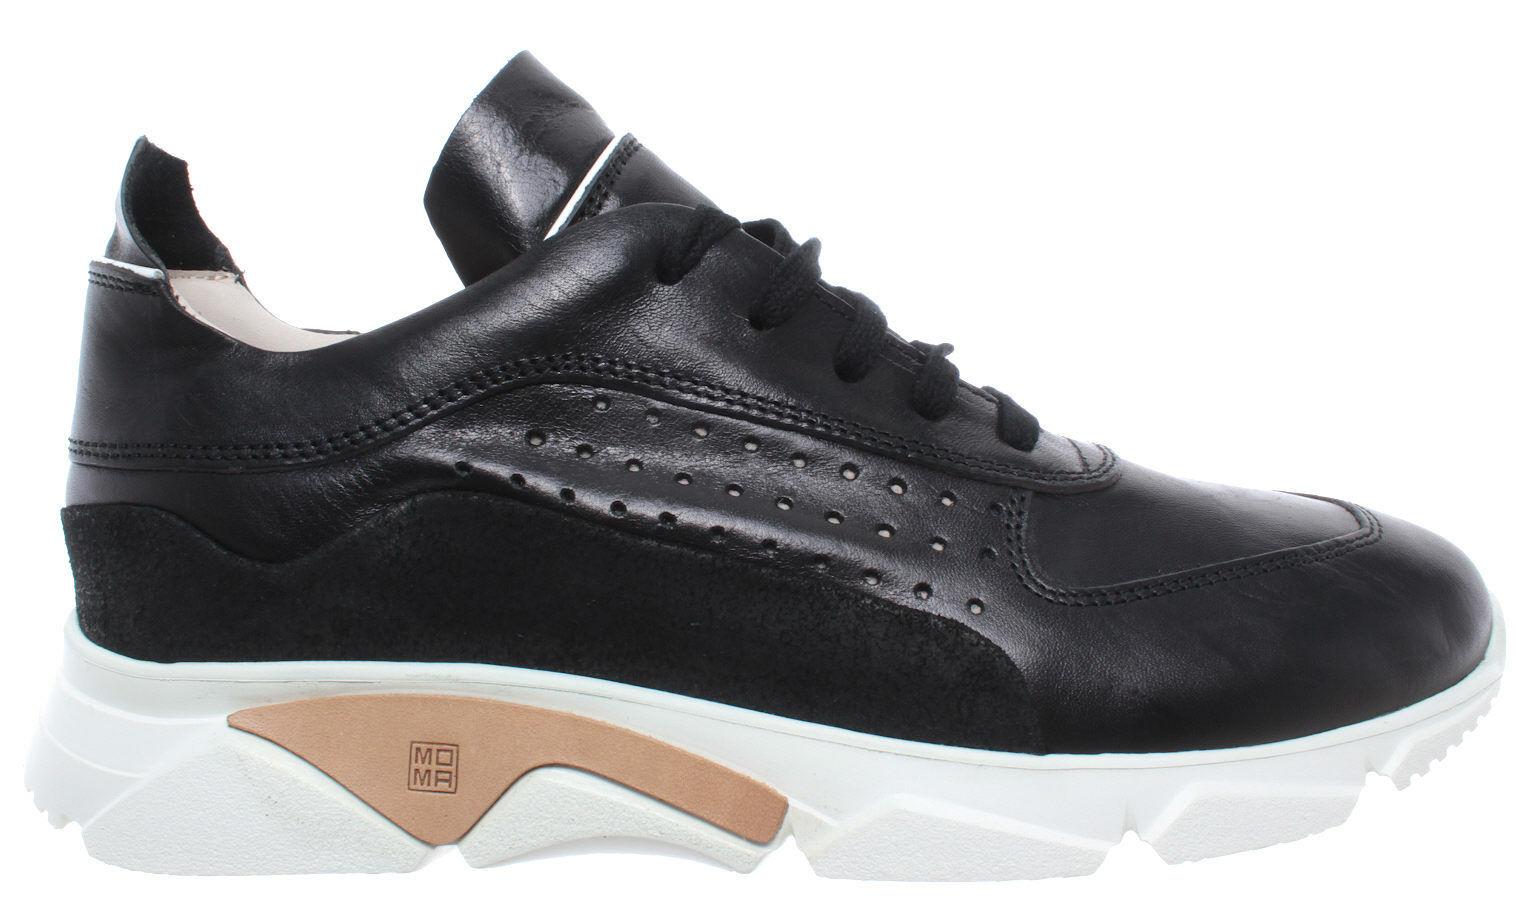 Moma zapatos caballero zapatillas 12901-aa Florence negro cuero negro Made in